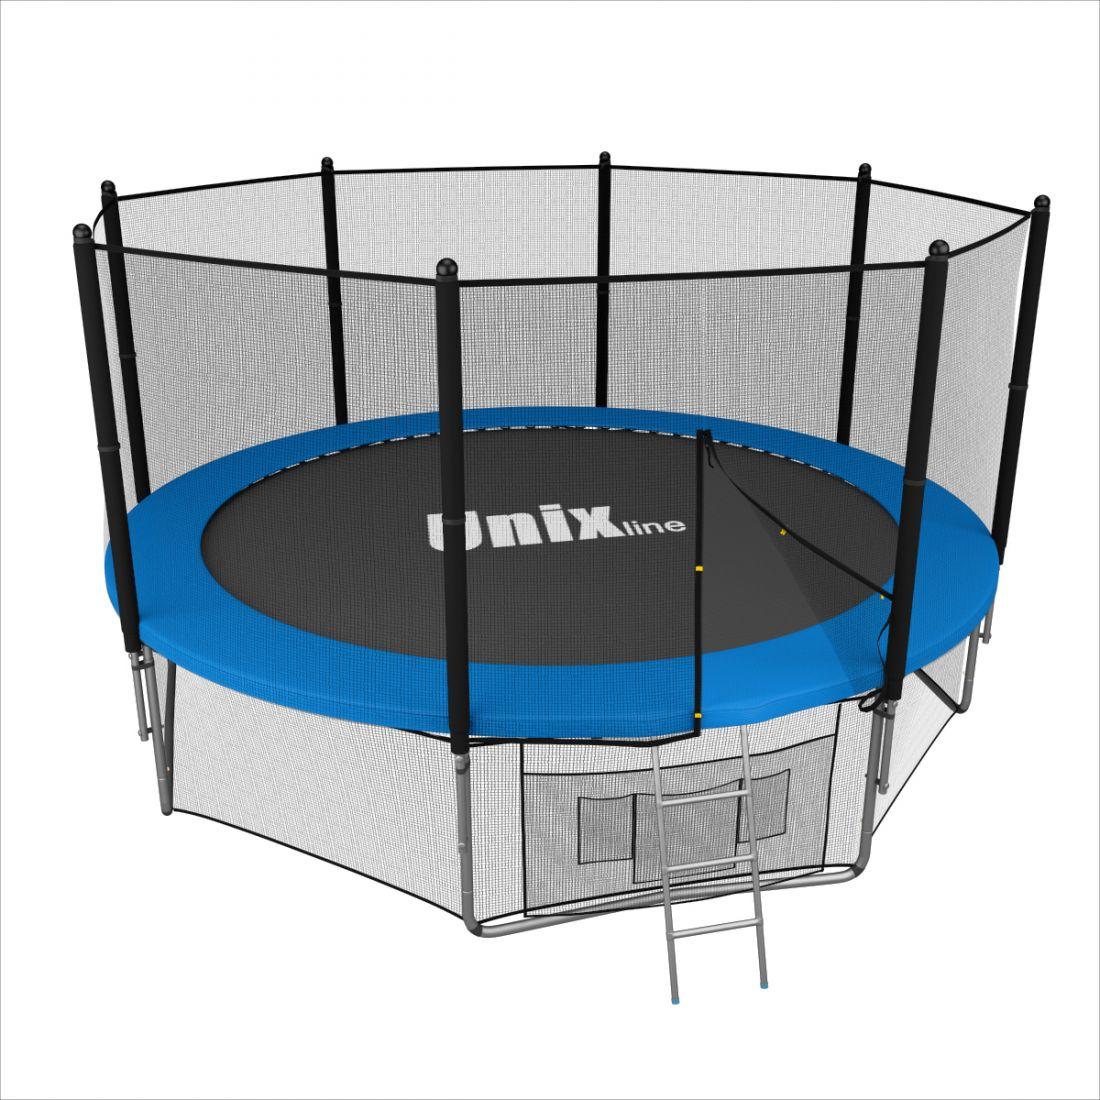 Батут с внешней защитной сеткой - Unix Line 10FT (3,05м), цвет синий